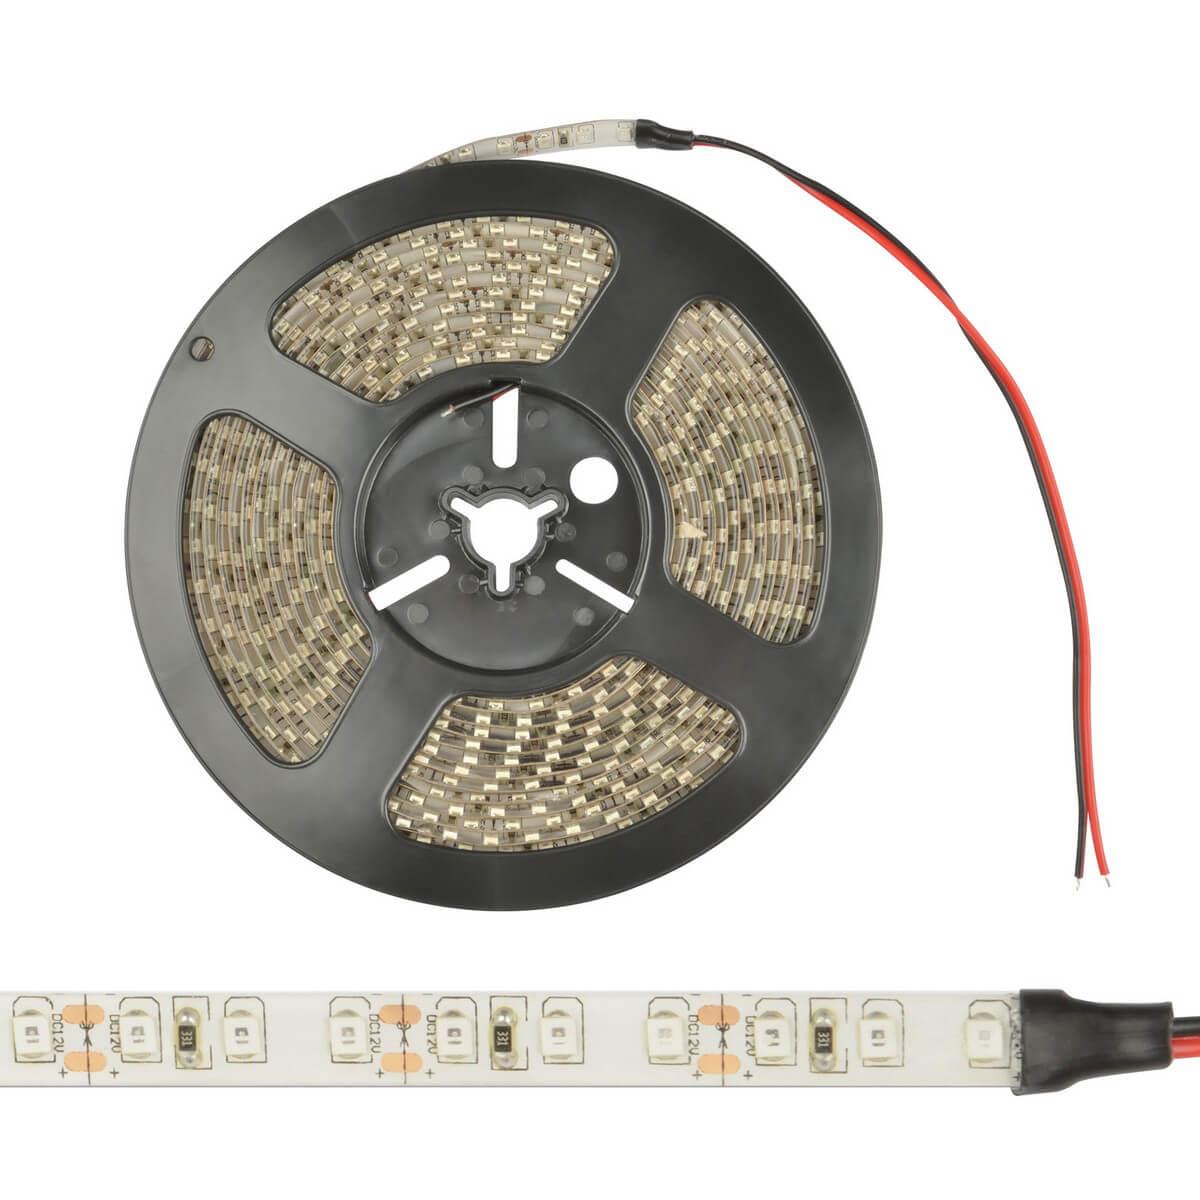 Светодиодная влагозащищенная лента (UL-00000890) Uniel 6W/m 60LED/m 2835SMD белый 5M ULS-2835-60LED/m-8mm-IP65-DC12V-6W/m-5M-W